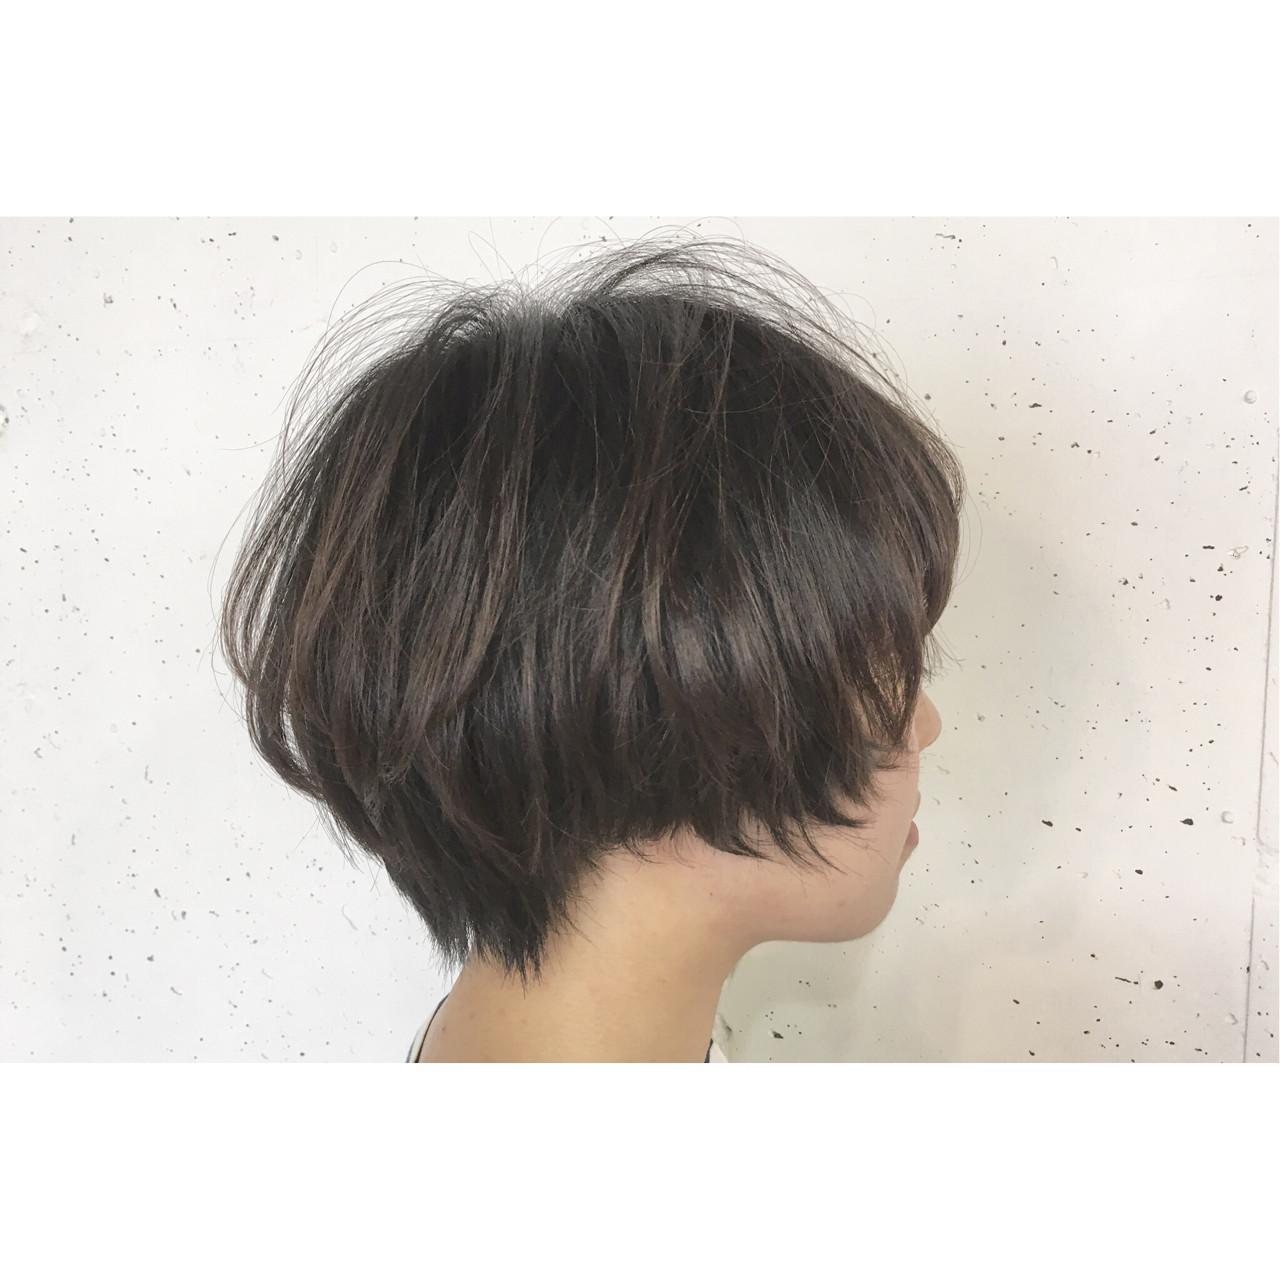 大人女子 オフィス ショート ナチュラル ヘアスタイルや髪型の写真・画像